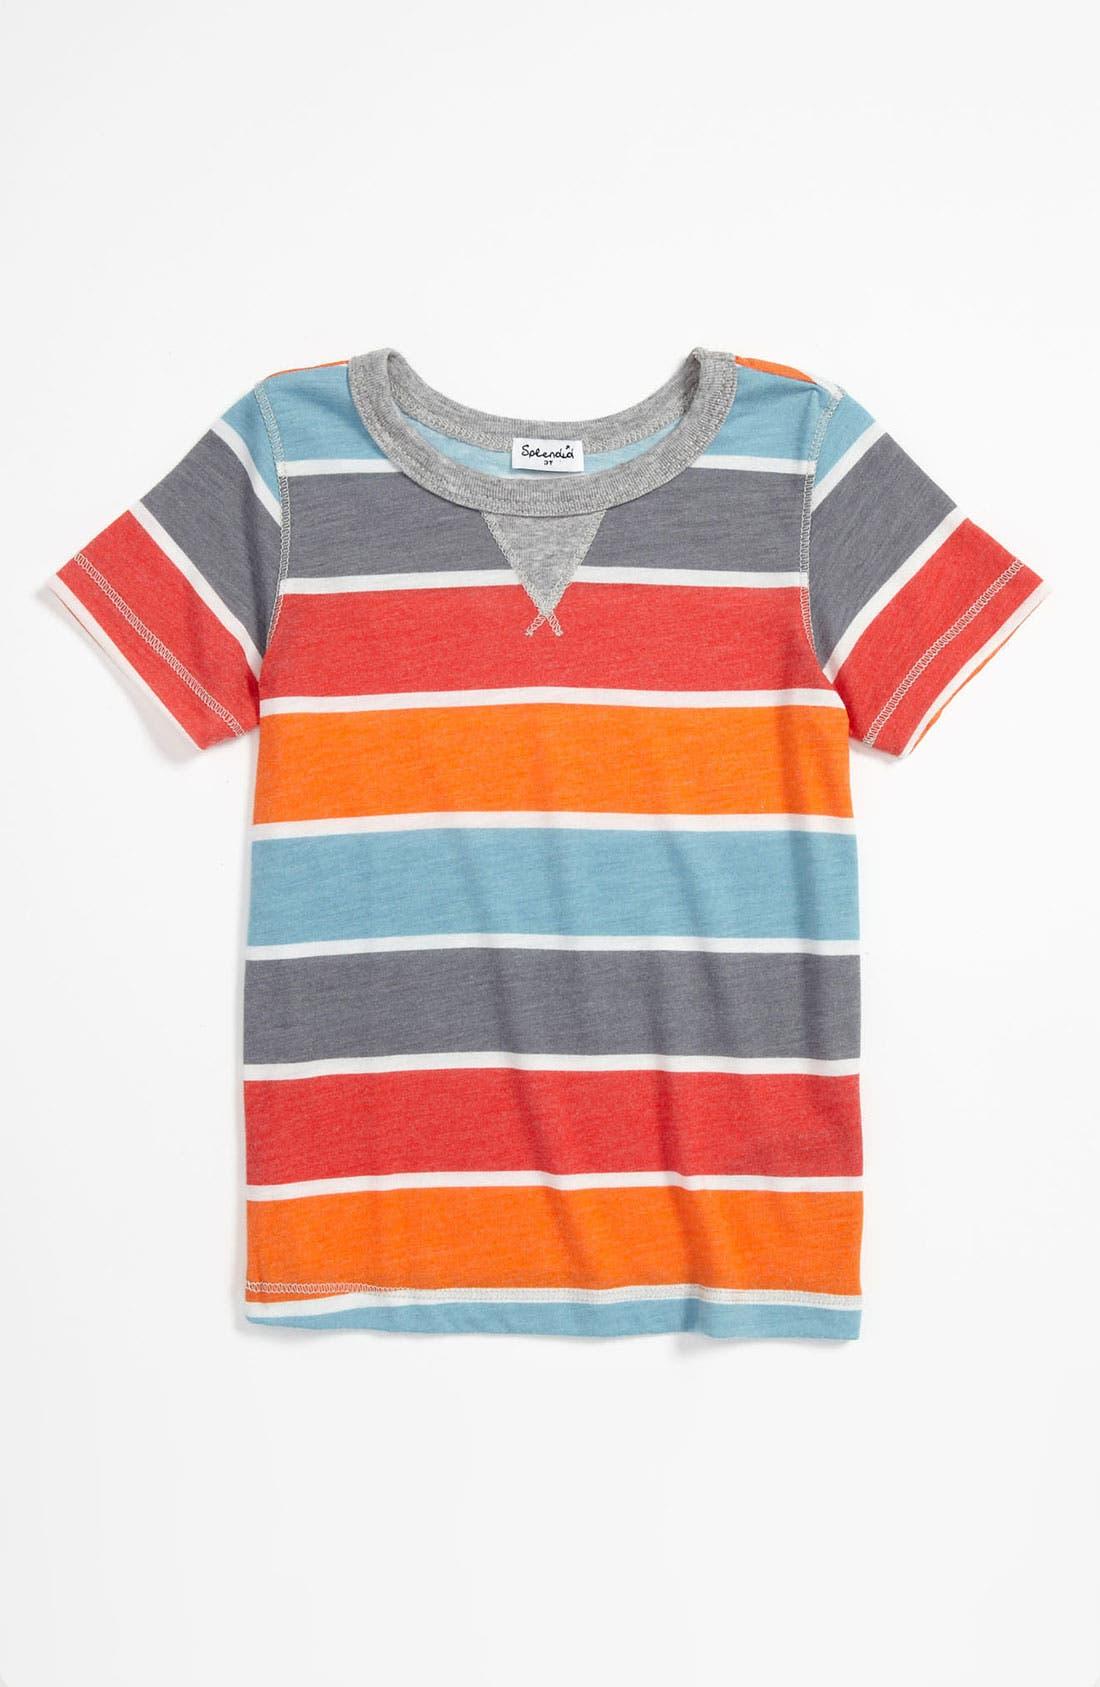 Alternate Image 1 Selected - Splendid Stripe T-Shirt (Toddler)